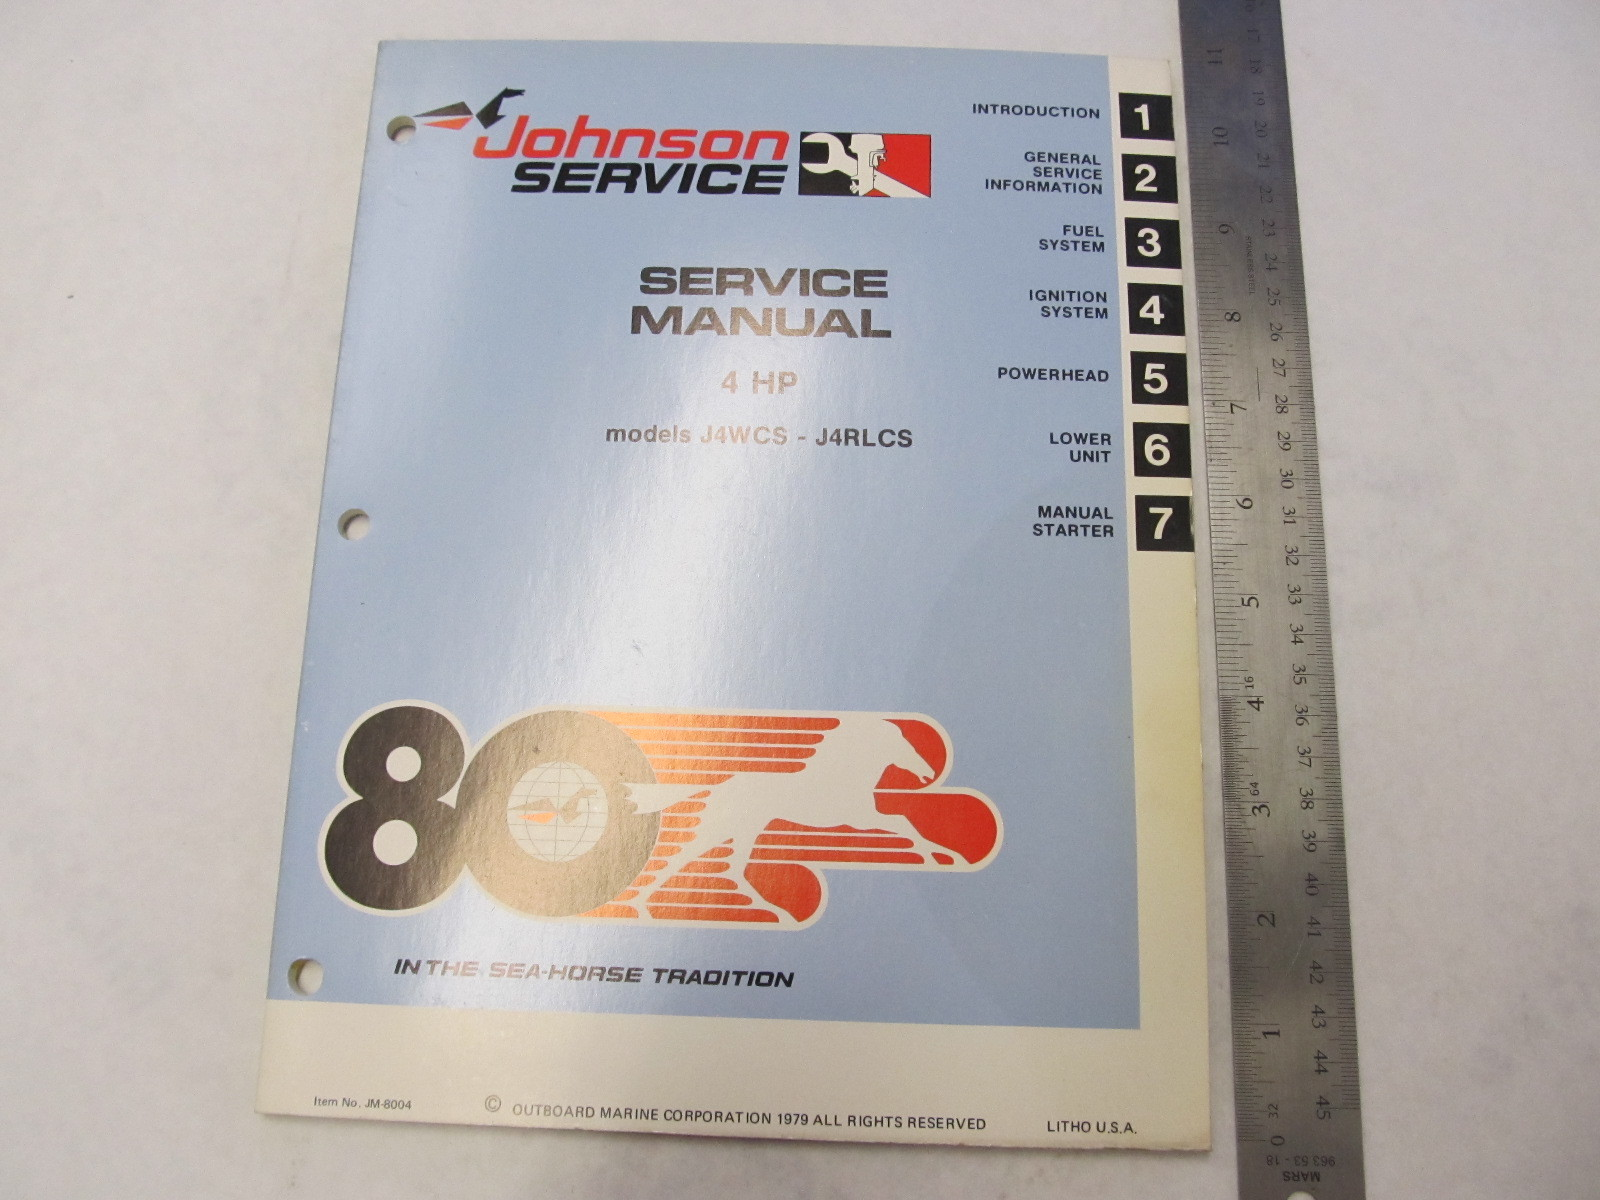 1995camaroenginediagram Mercedes Engine 199496 C220 199798 C230